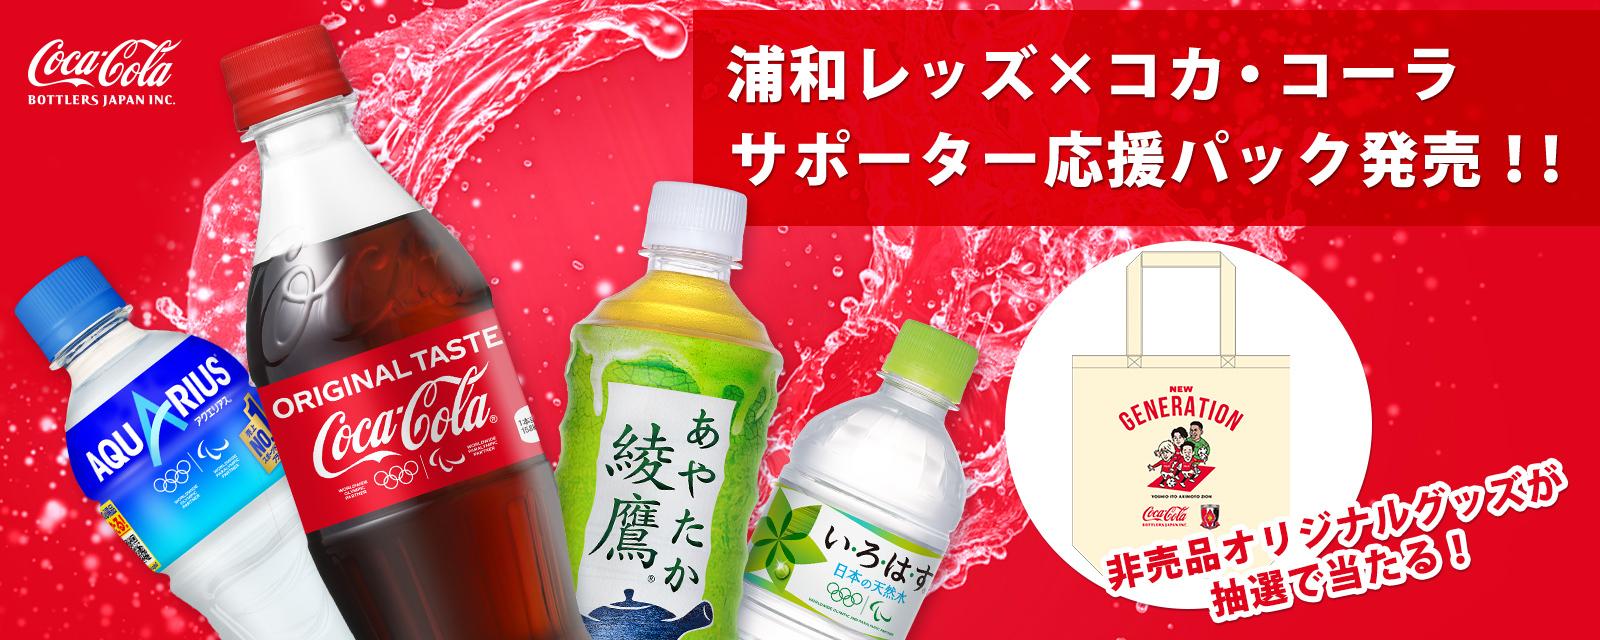 浦和レッズ×コカ・コーラ サポーター応援パック発売!!